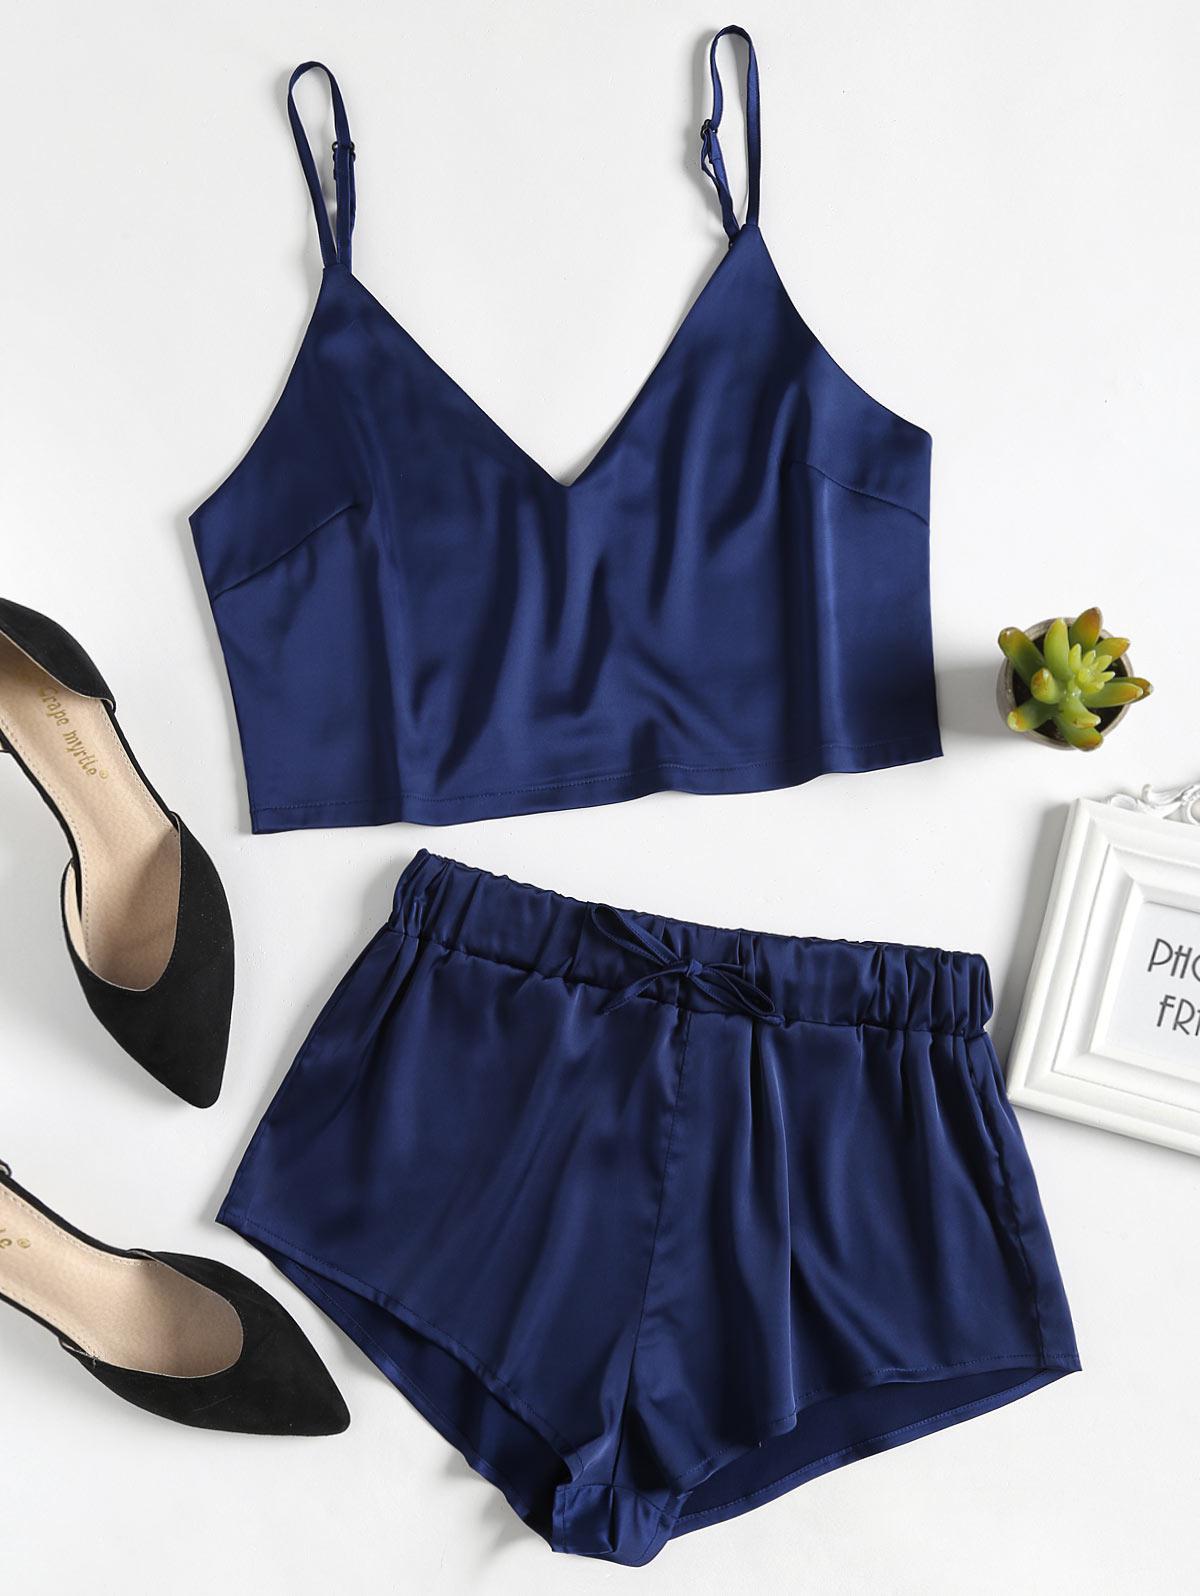 Cami Top and Shorts Satin Pajama Set фото